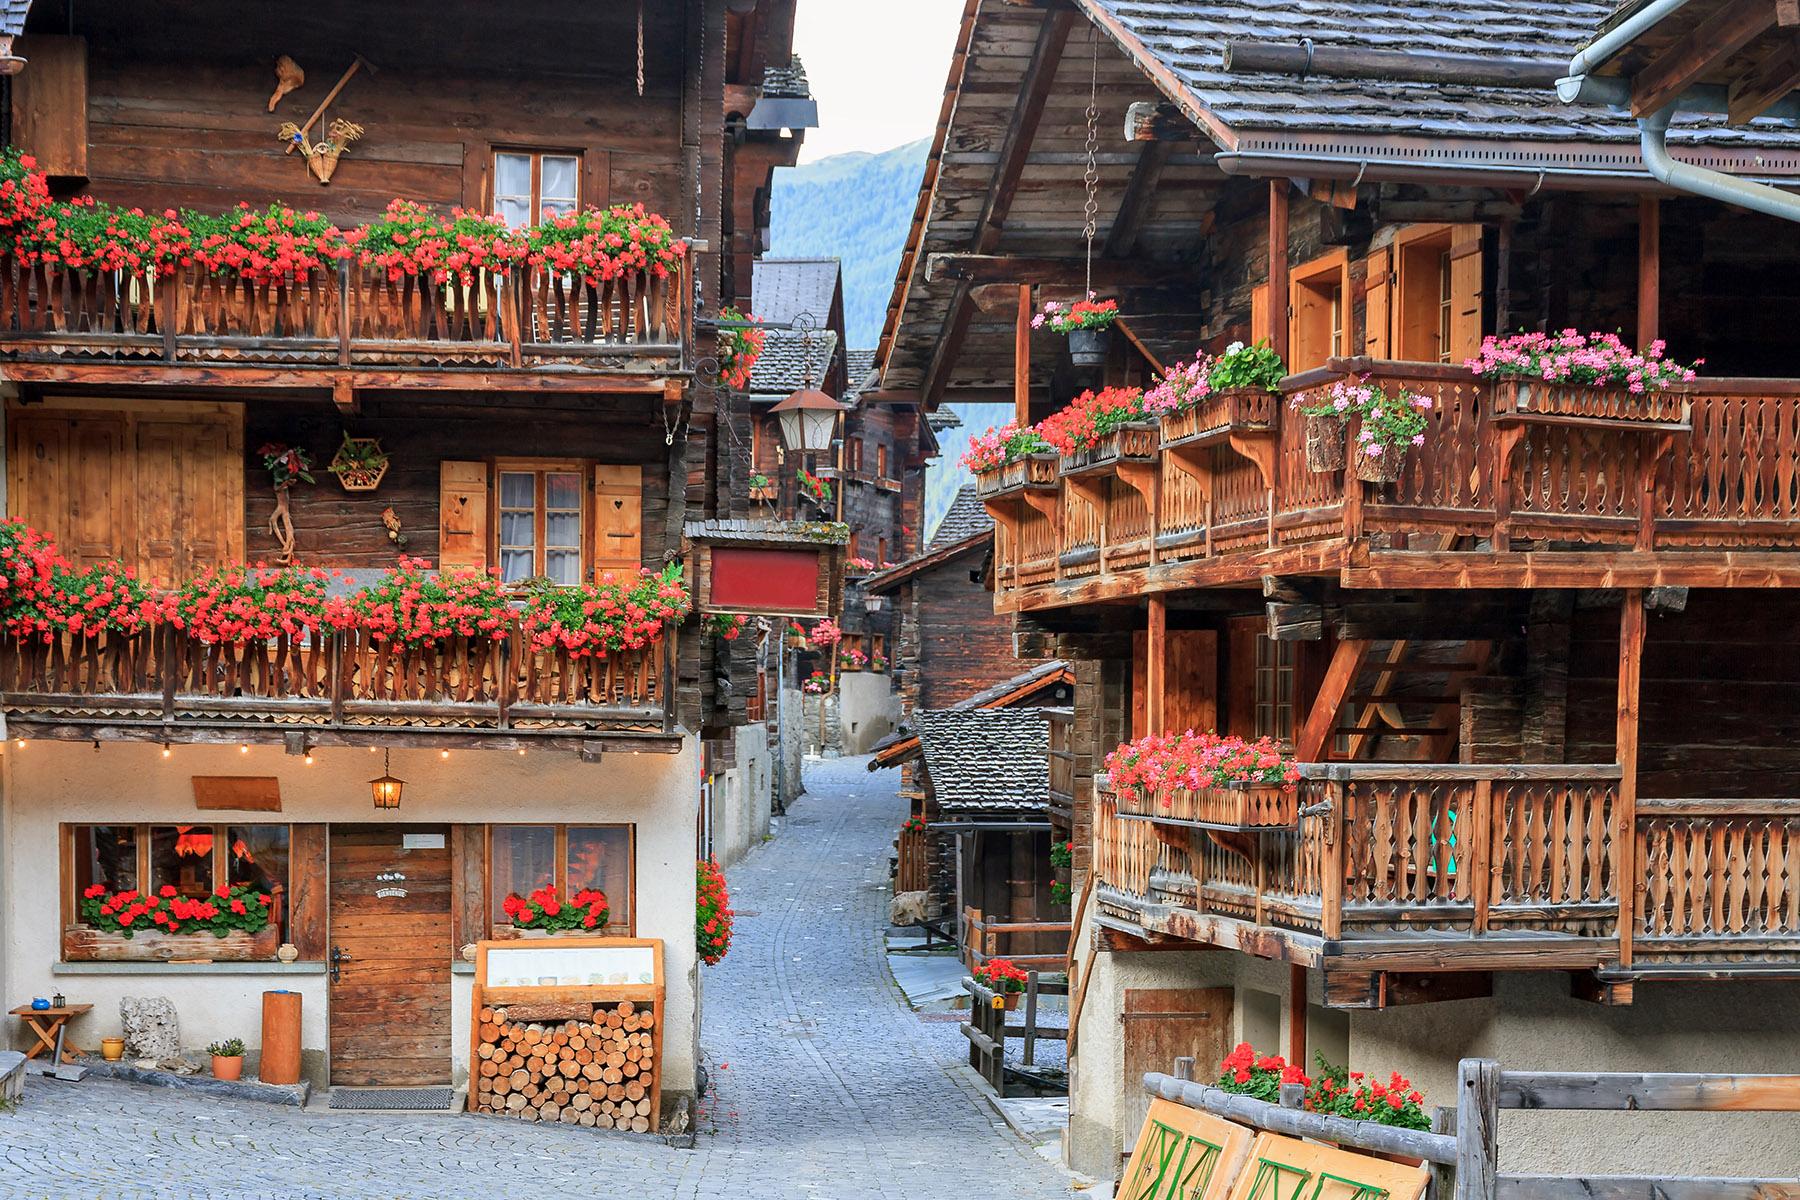 Houses in Grimnetz